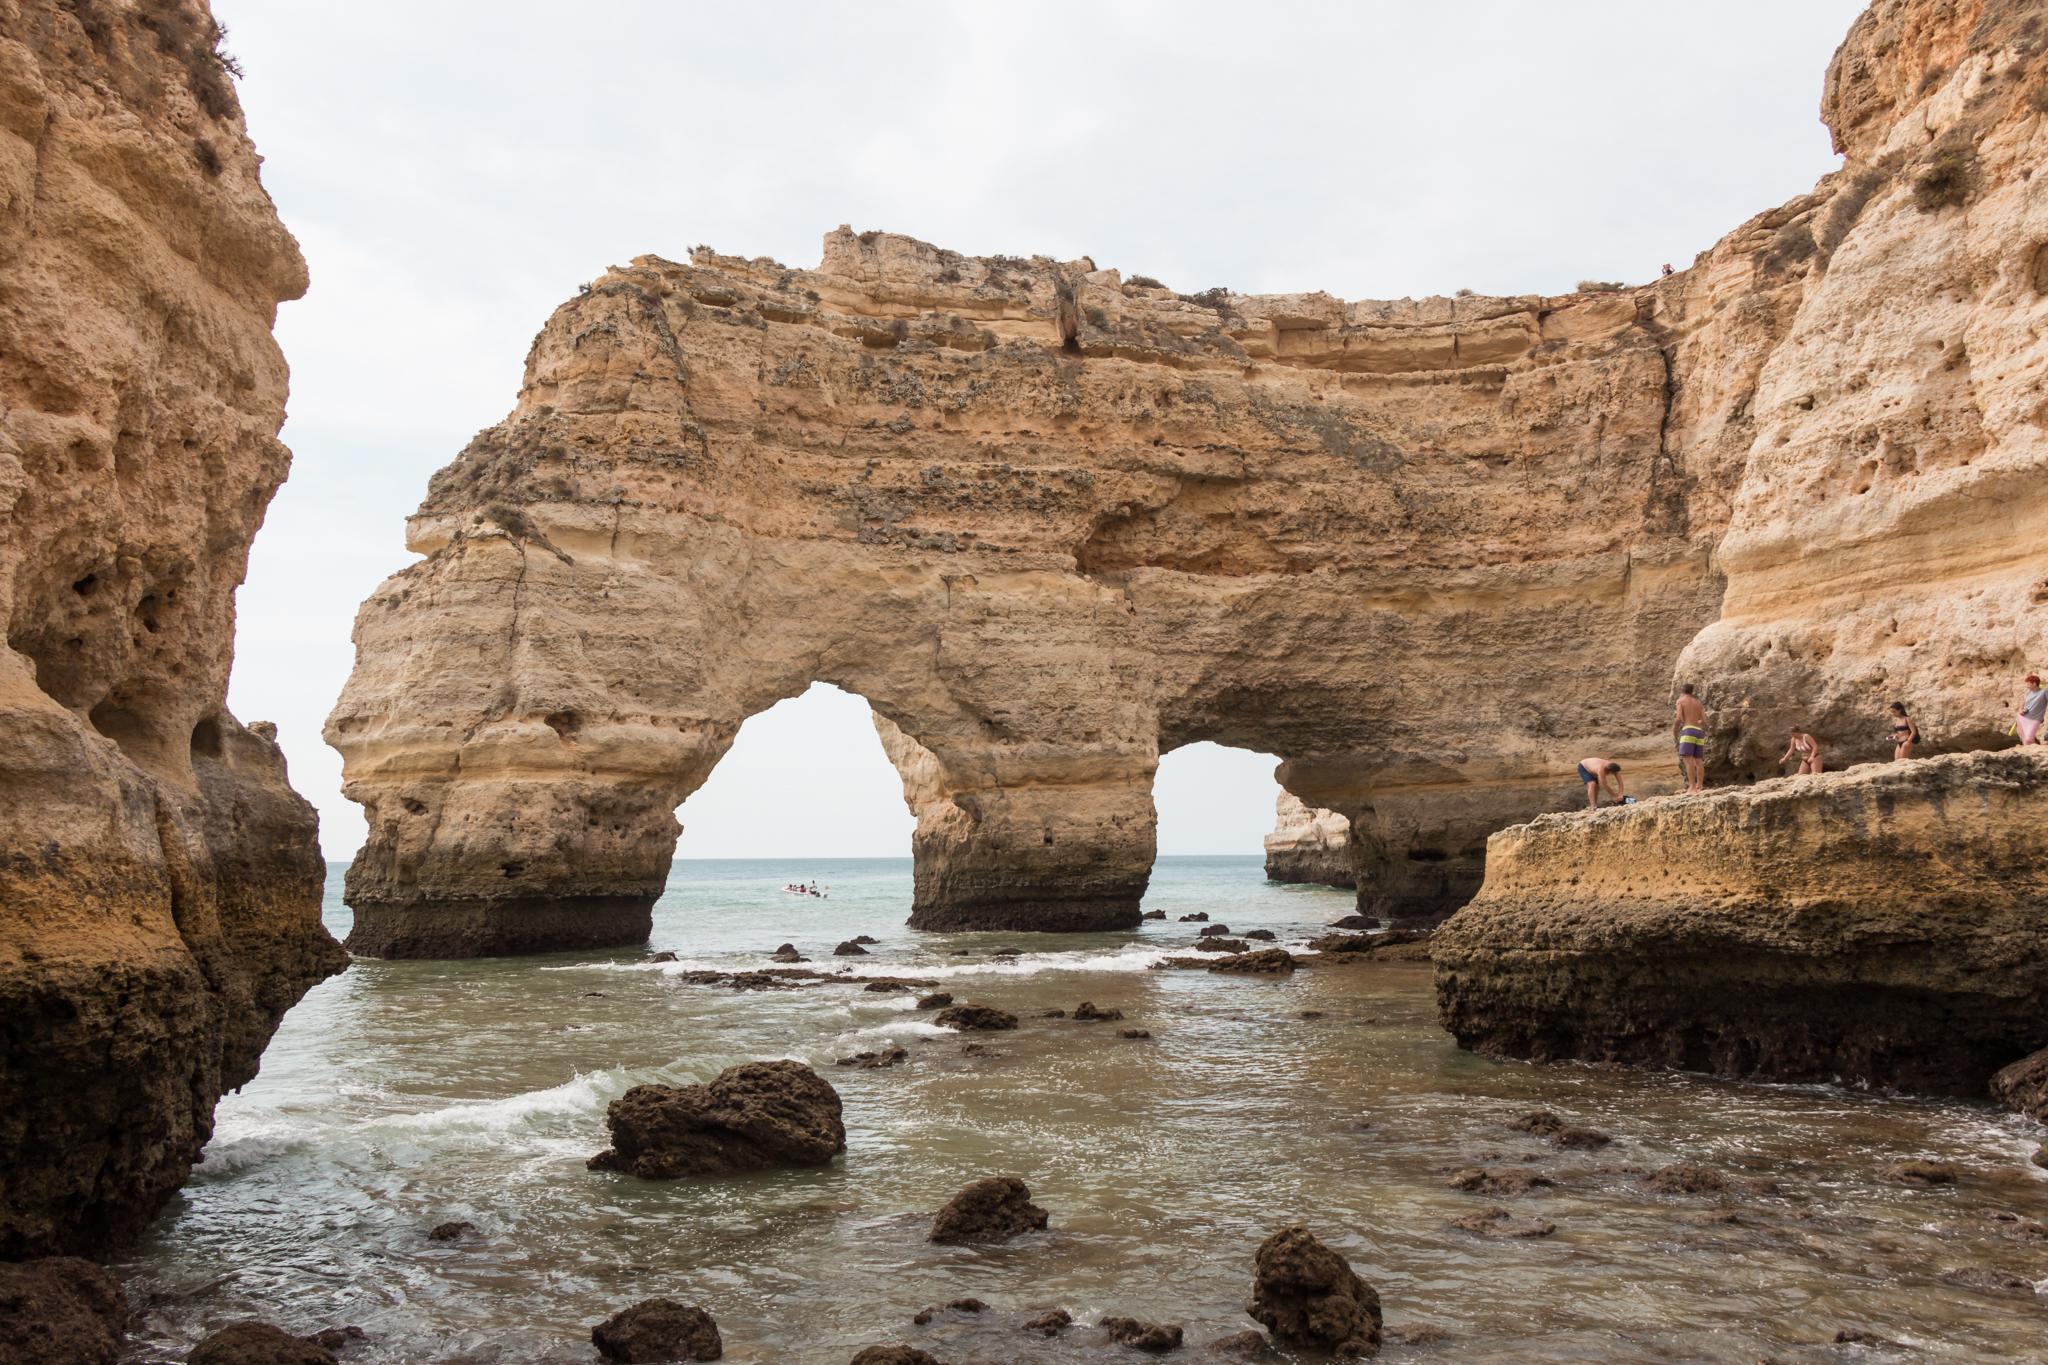 Praia da Marinha, Portugal | Ciao Fabello